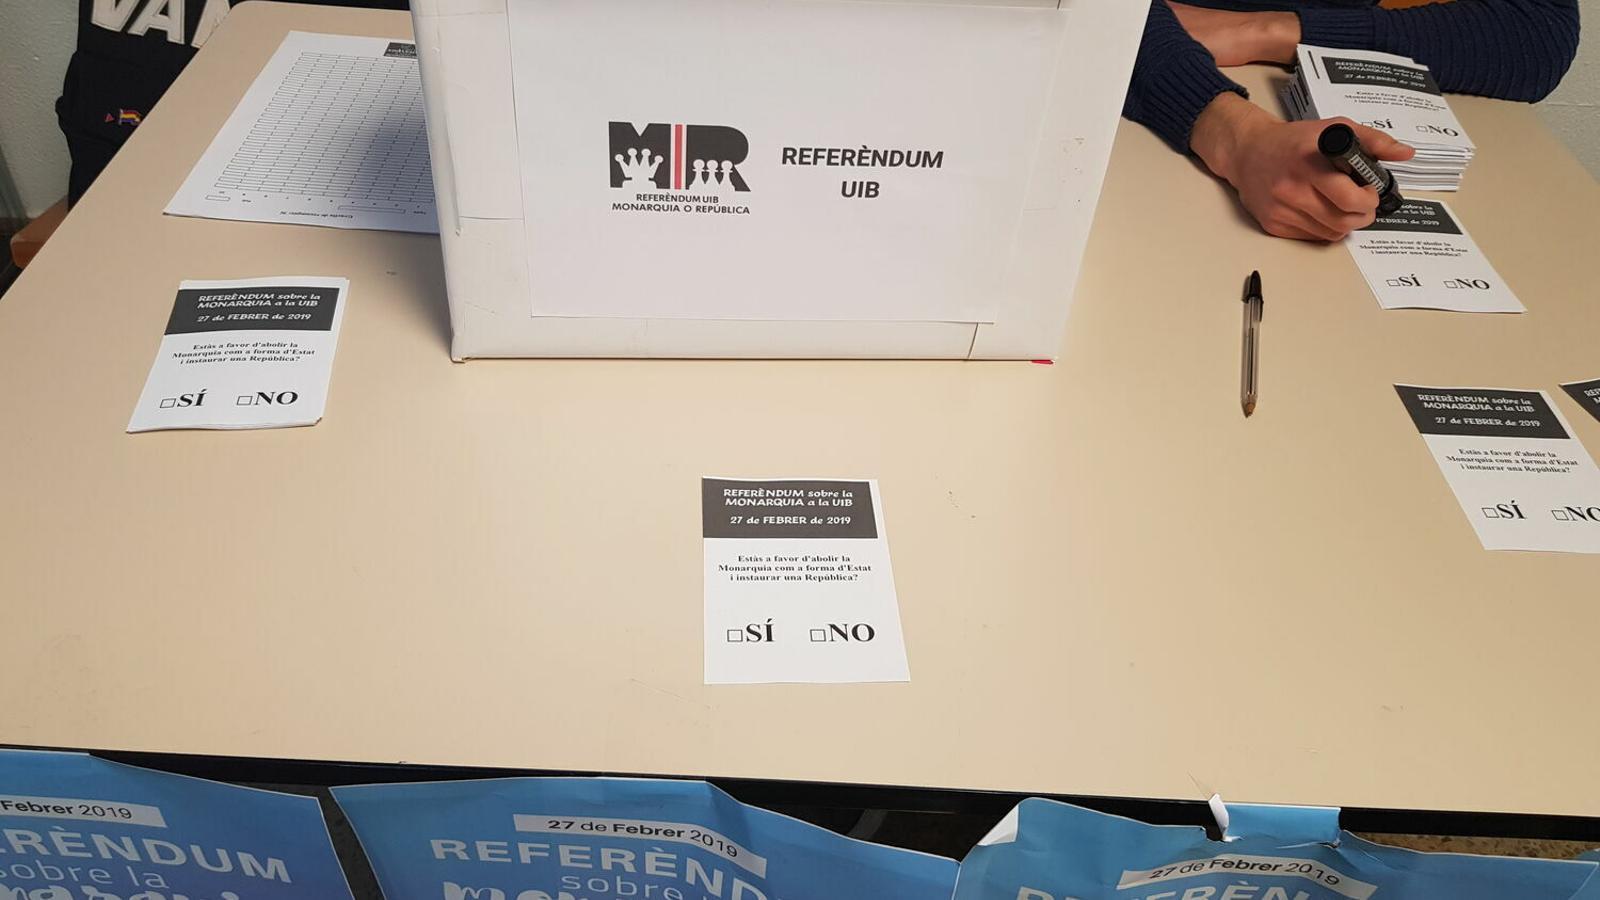 La UIB acollí un referèndum sobre el model d'Estat el passat 27 de febrer.